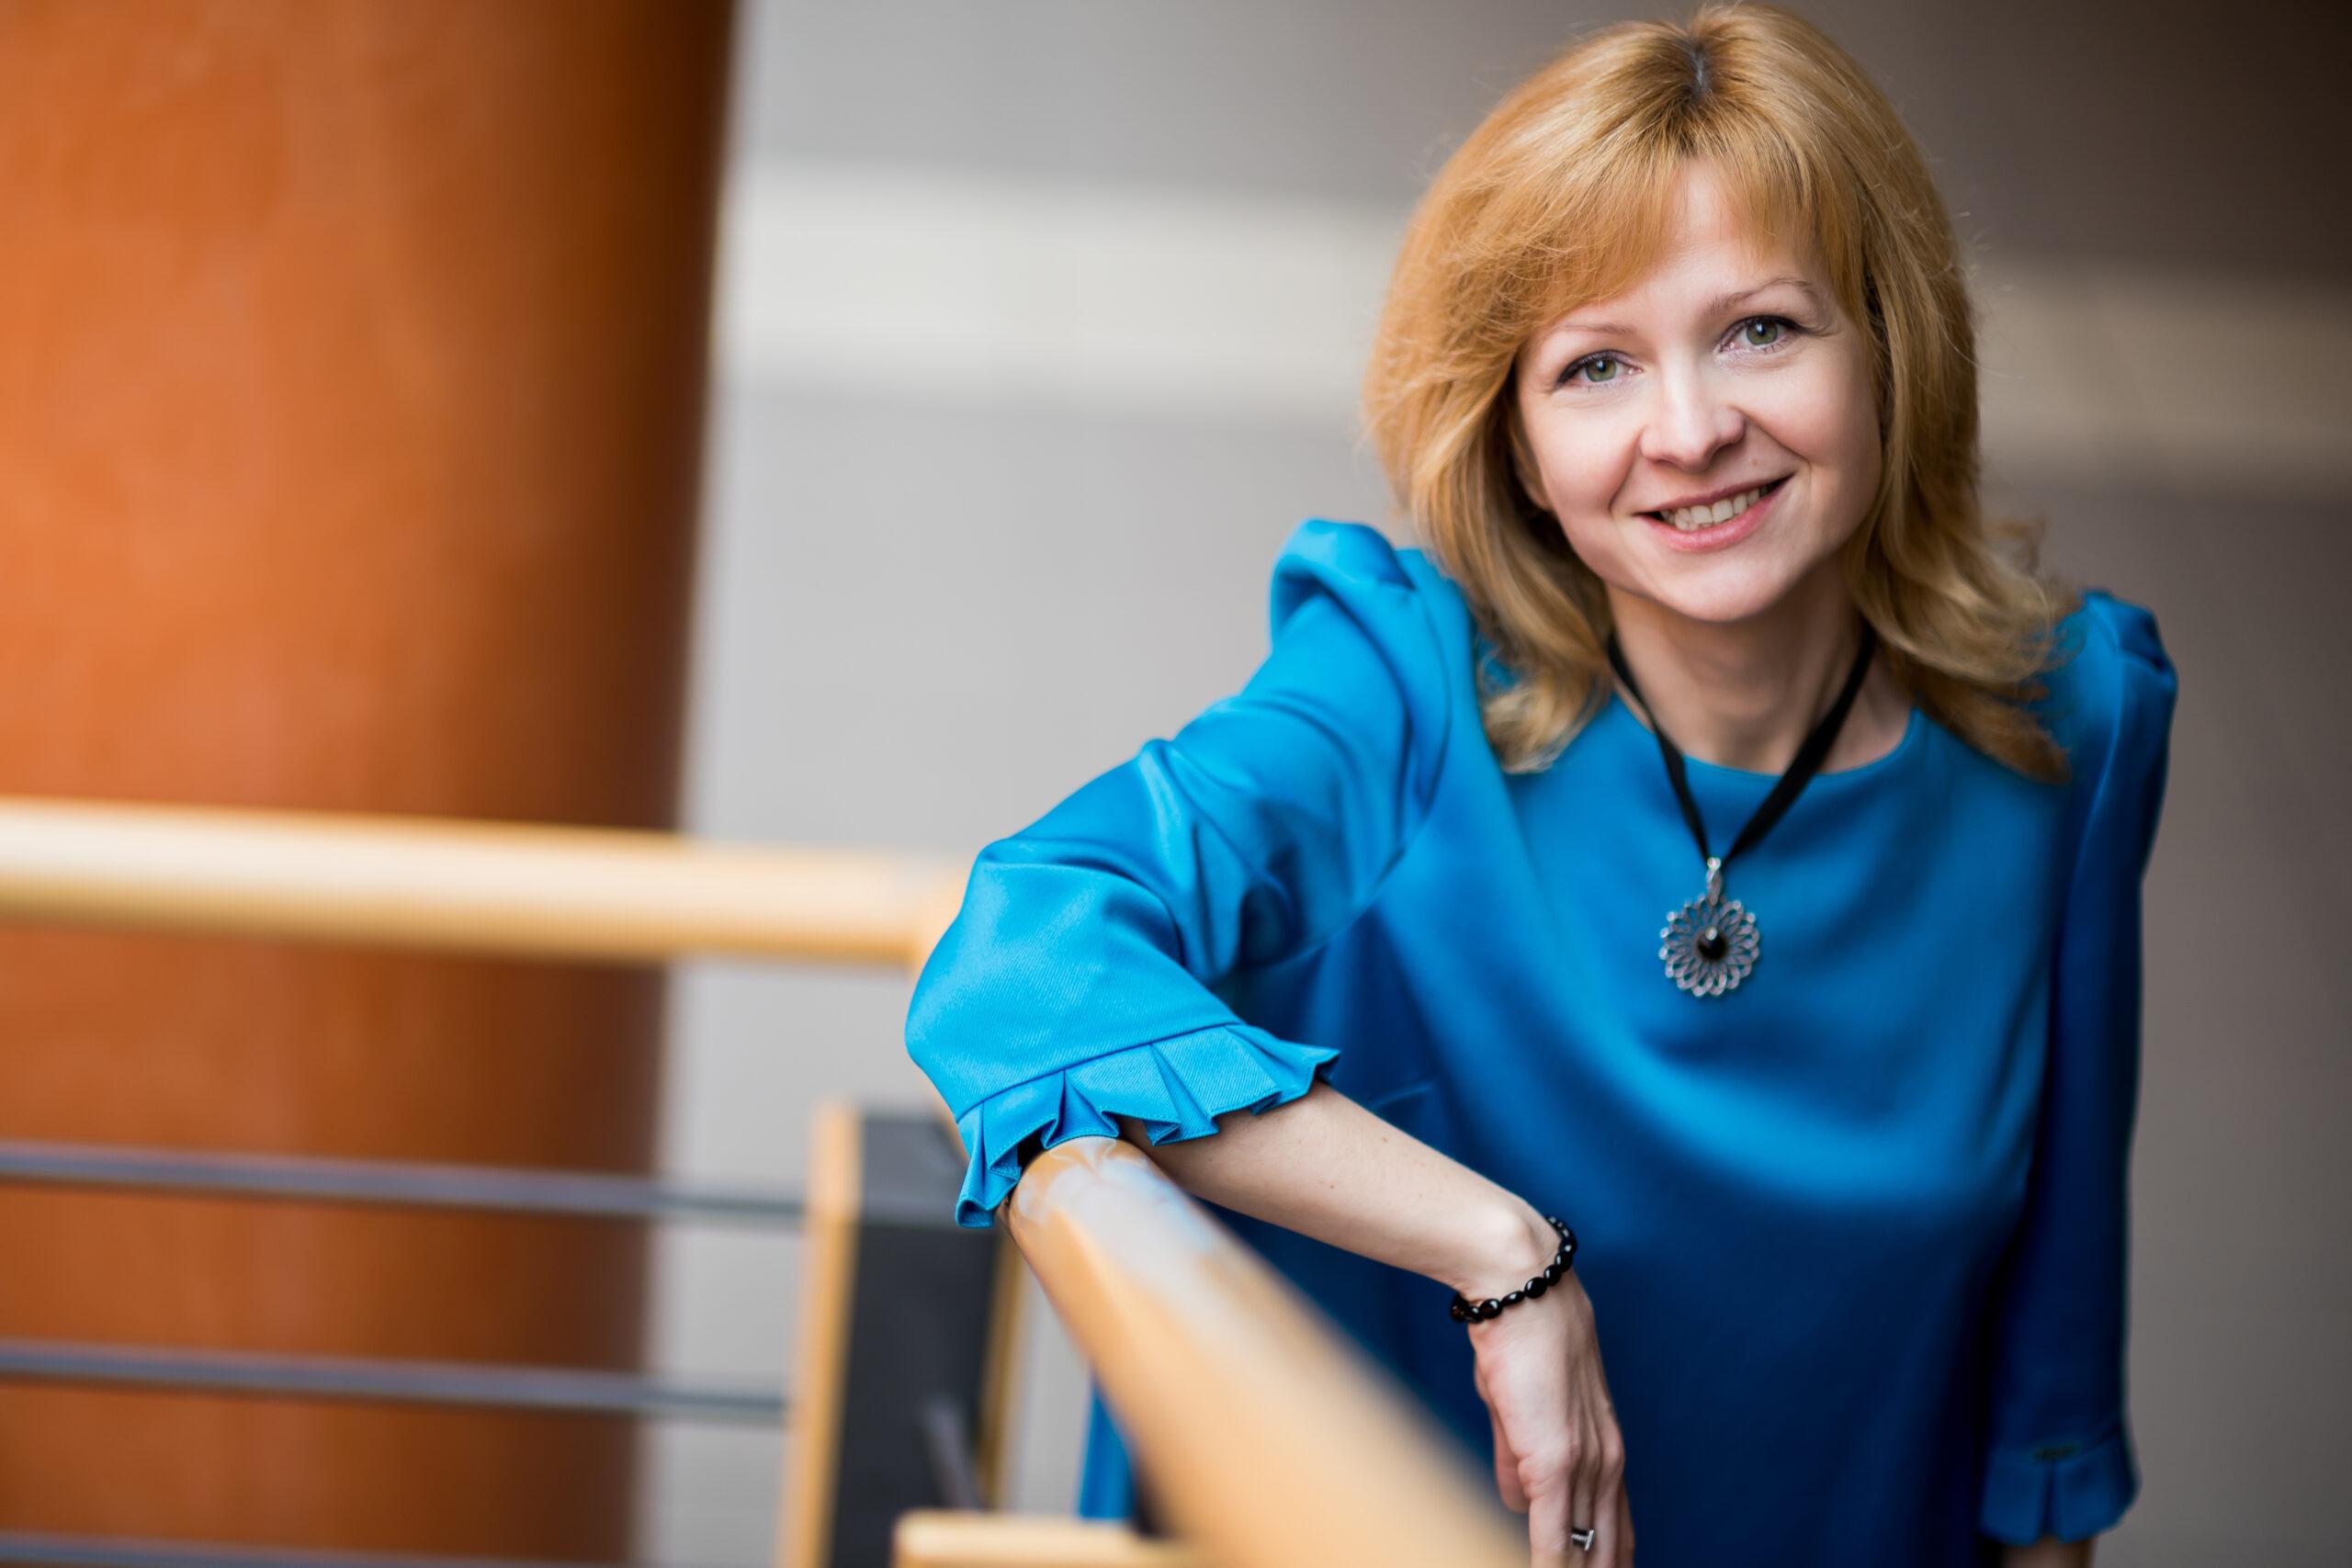 Rozmówczyni, Dominika Kaczorowska-Spychalska, siedzi na schodach. Jest w niebieskiej sukience. Patrzy się w obiektyw.